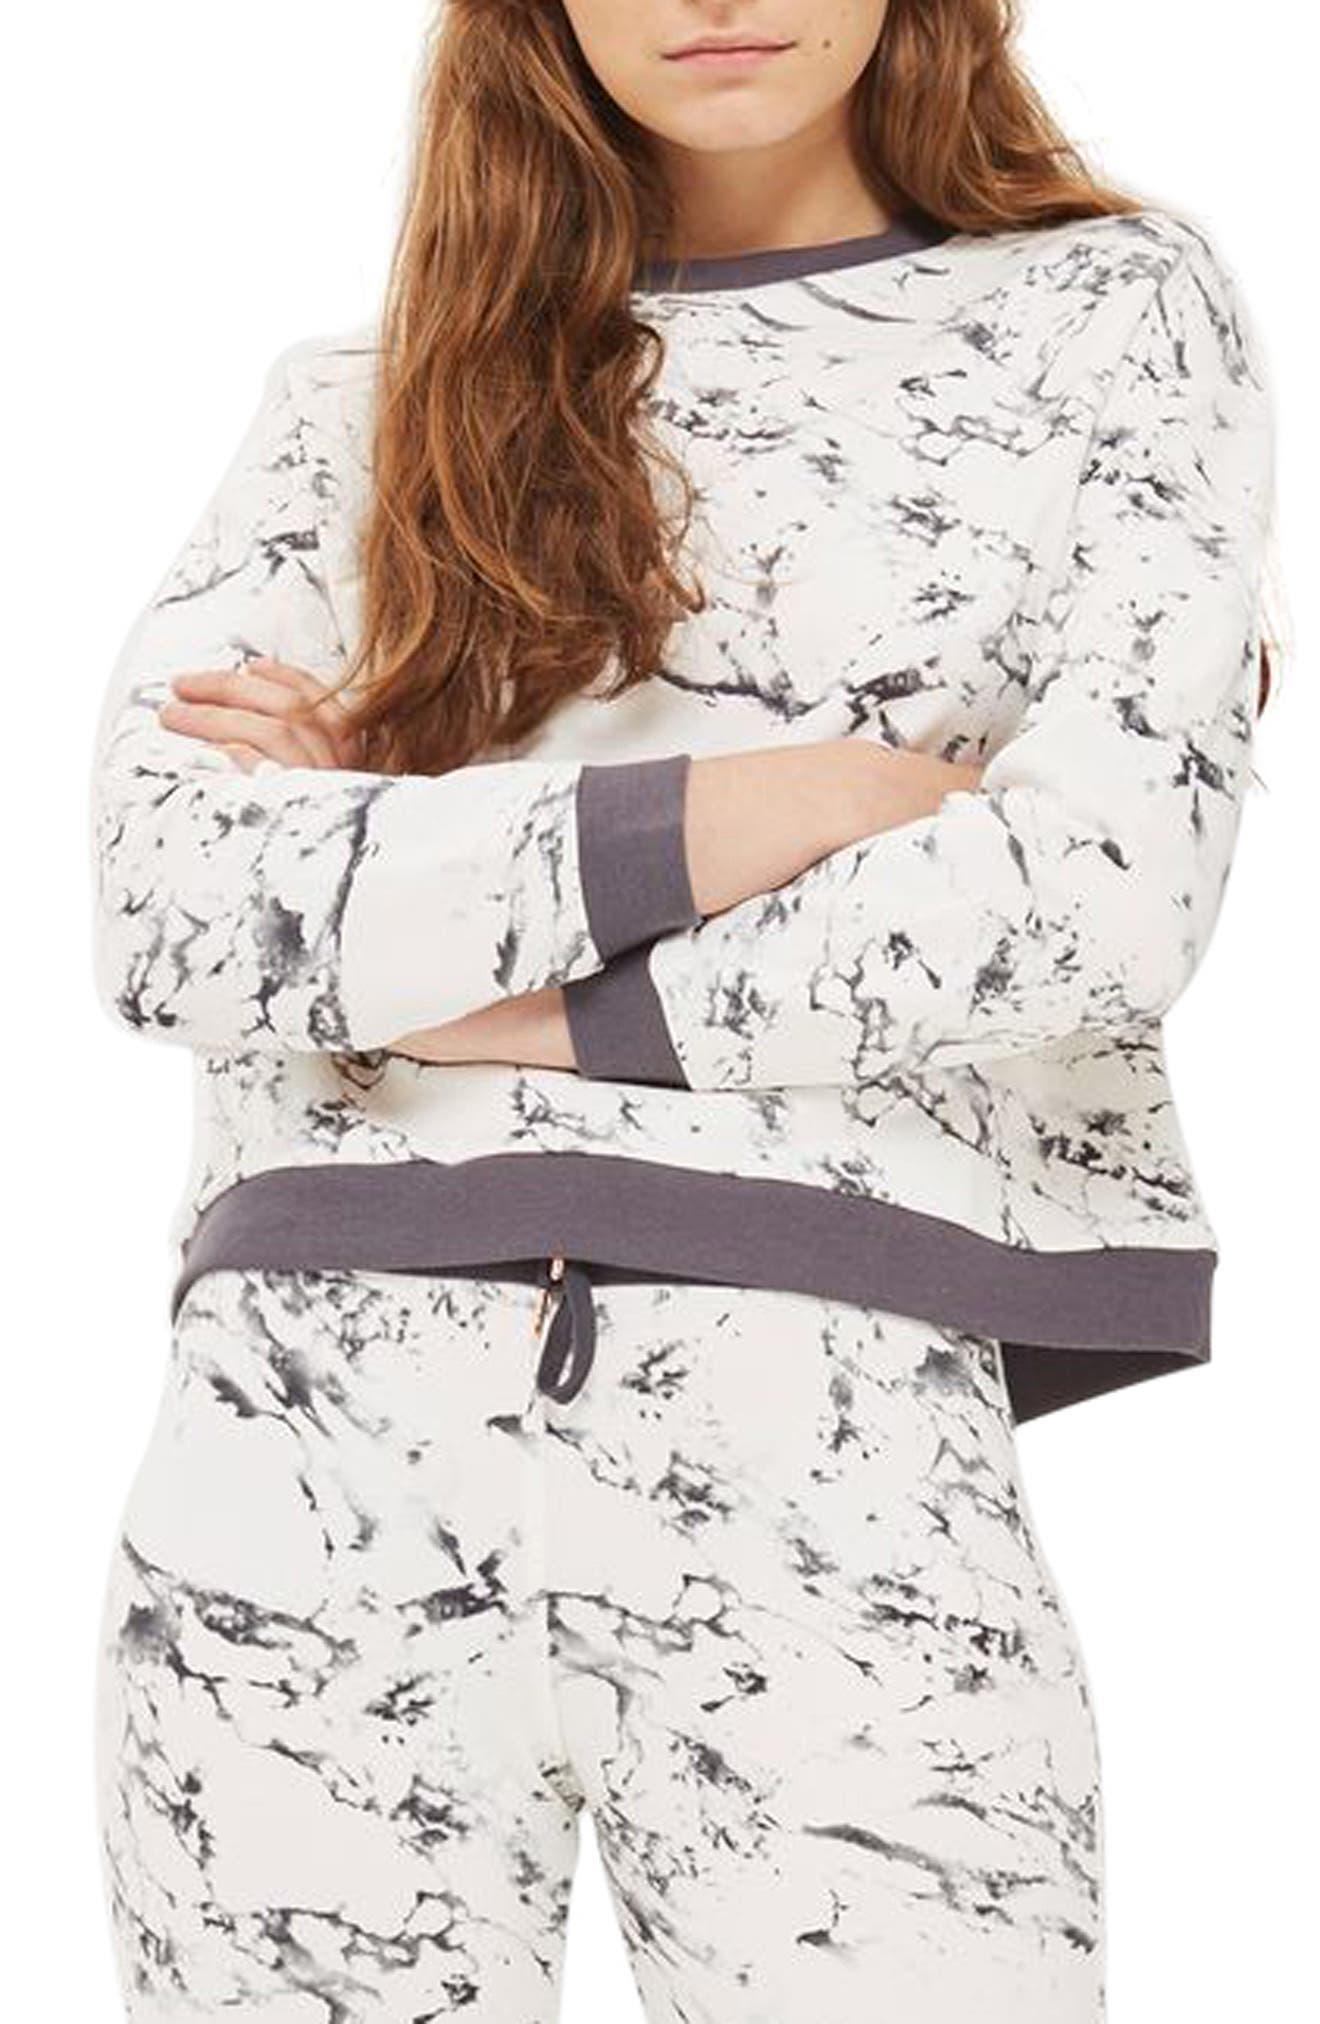 Topshop Marble Print Lounge Sweatshirt